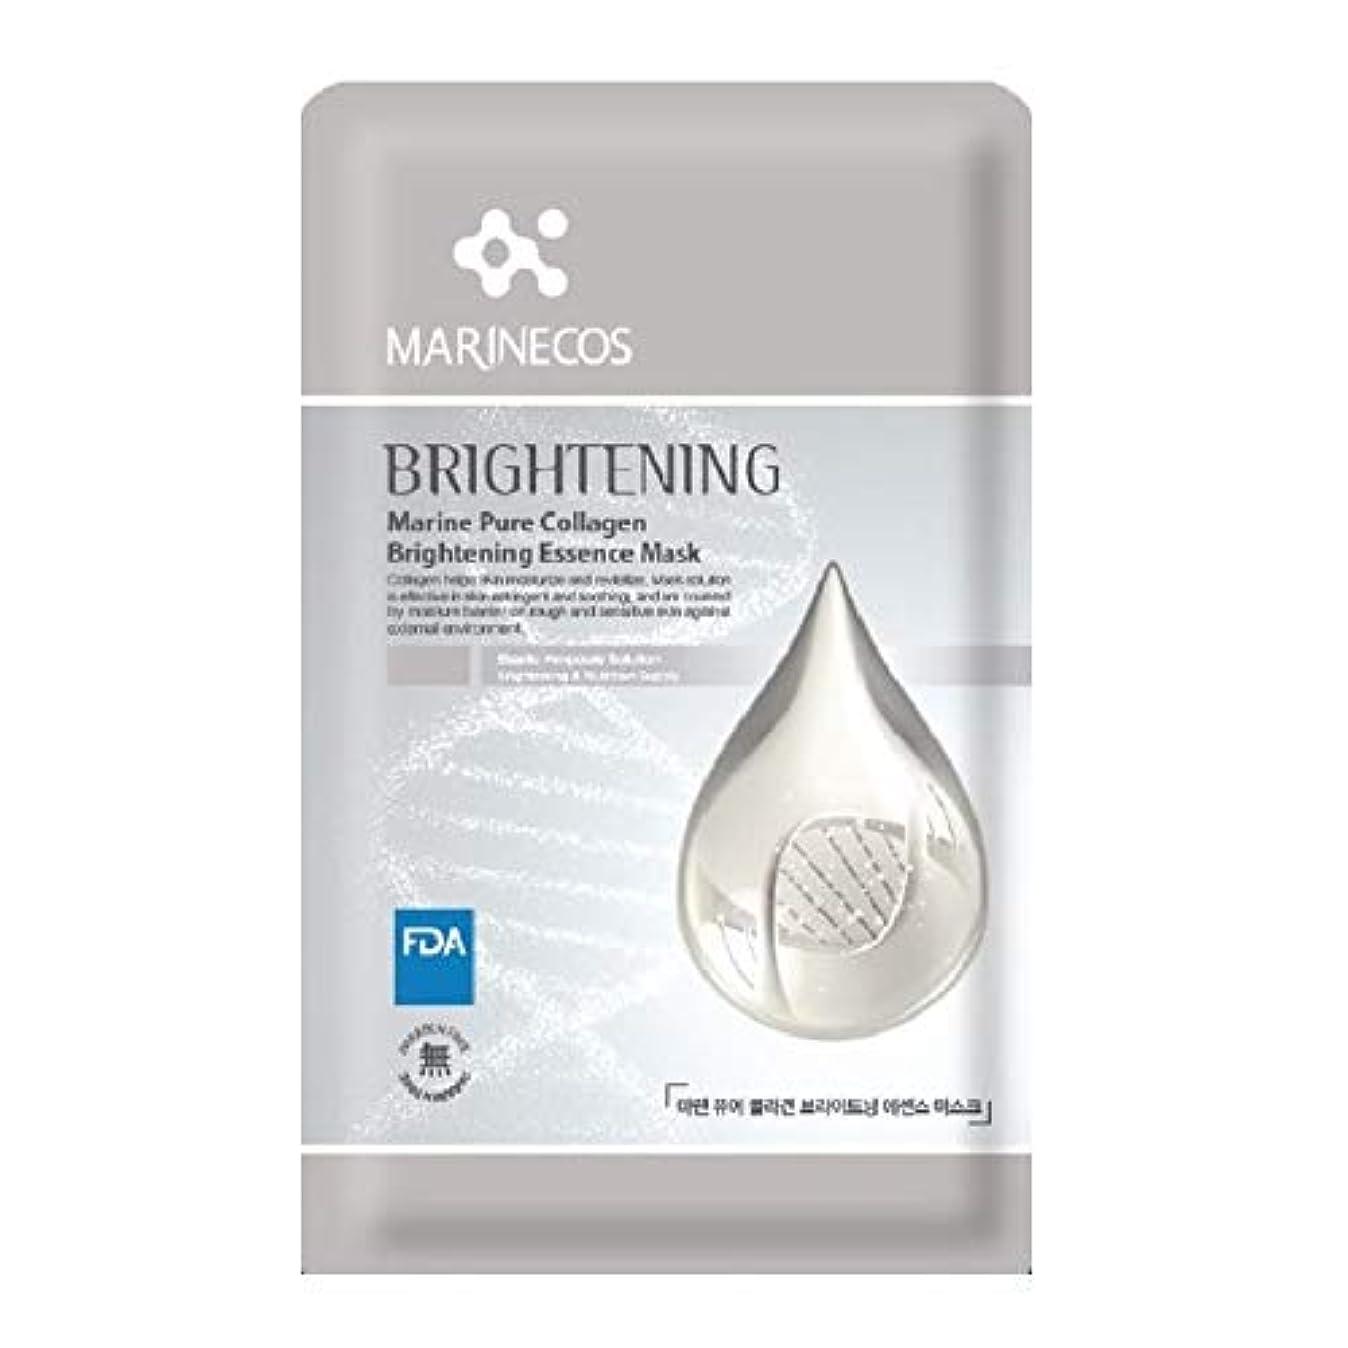 たるみ袋サラミKorea, Beauty, Marine Pure Collagen Brightening Essence Mask 10 Sheets 1 Case 韓国ネーチャー コスメ ビューティー 韓国マスクシート